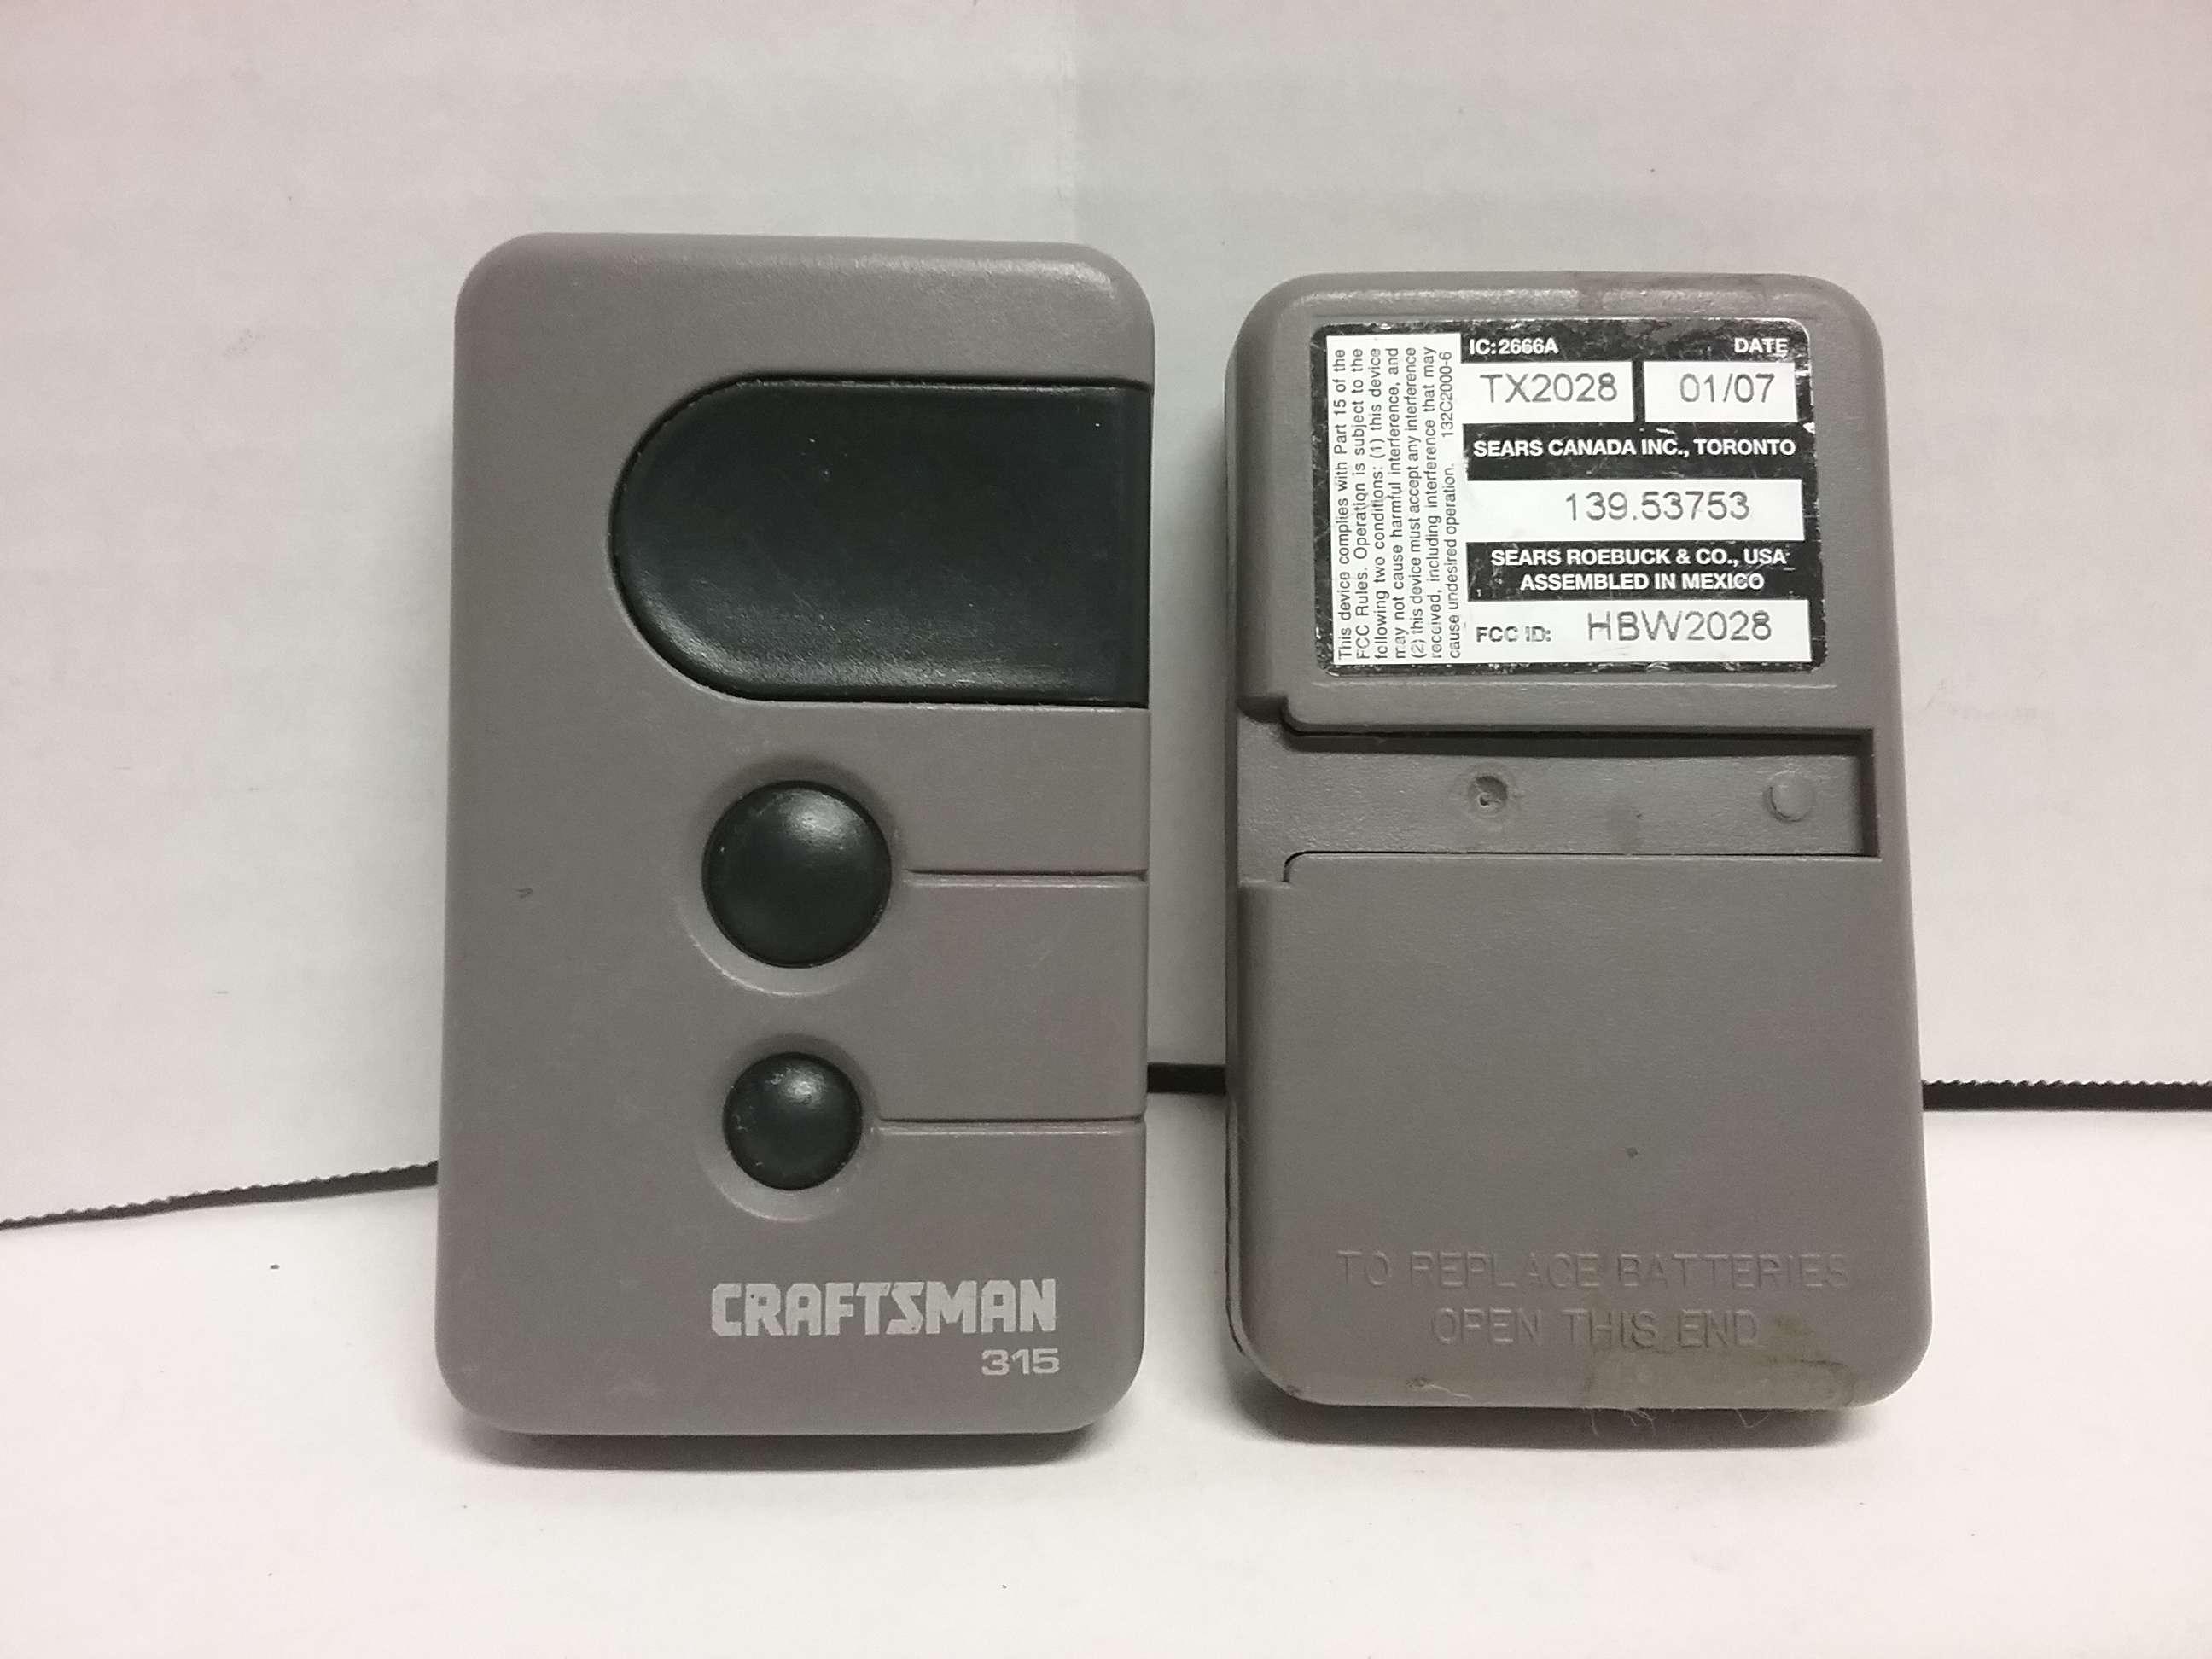 Craftsman 3 Button Remote Garage And Gate Opener 315 139